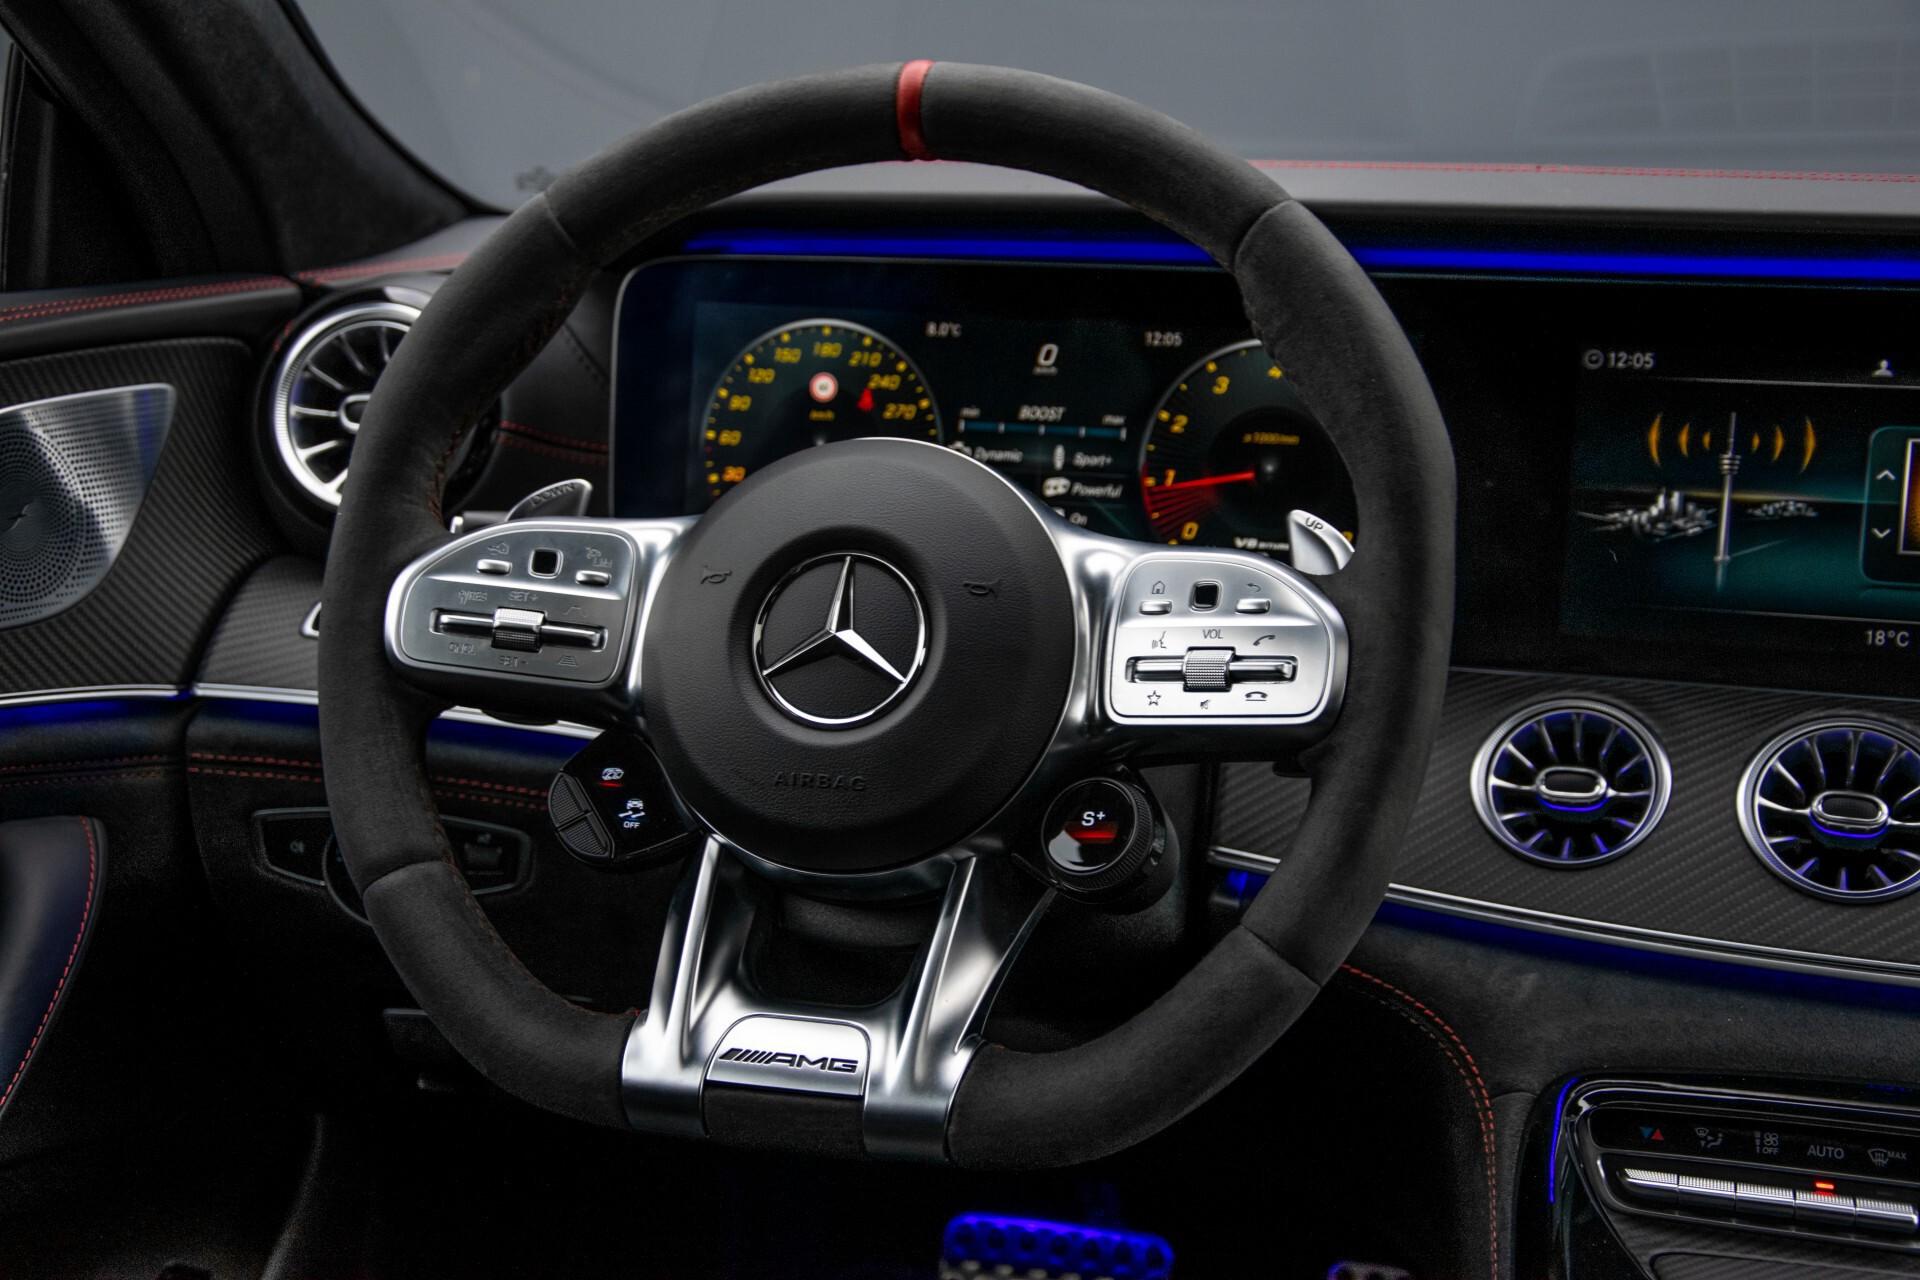 Mercedes-Benz AMG GT 4-Door Coupe 63 S 4M+ Keramisch/Full Carbon/Aerodynamica/Burmester 3D/TV/Performance stoelen/Standkachel Aut9 Foto 8